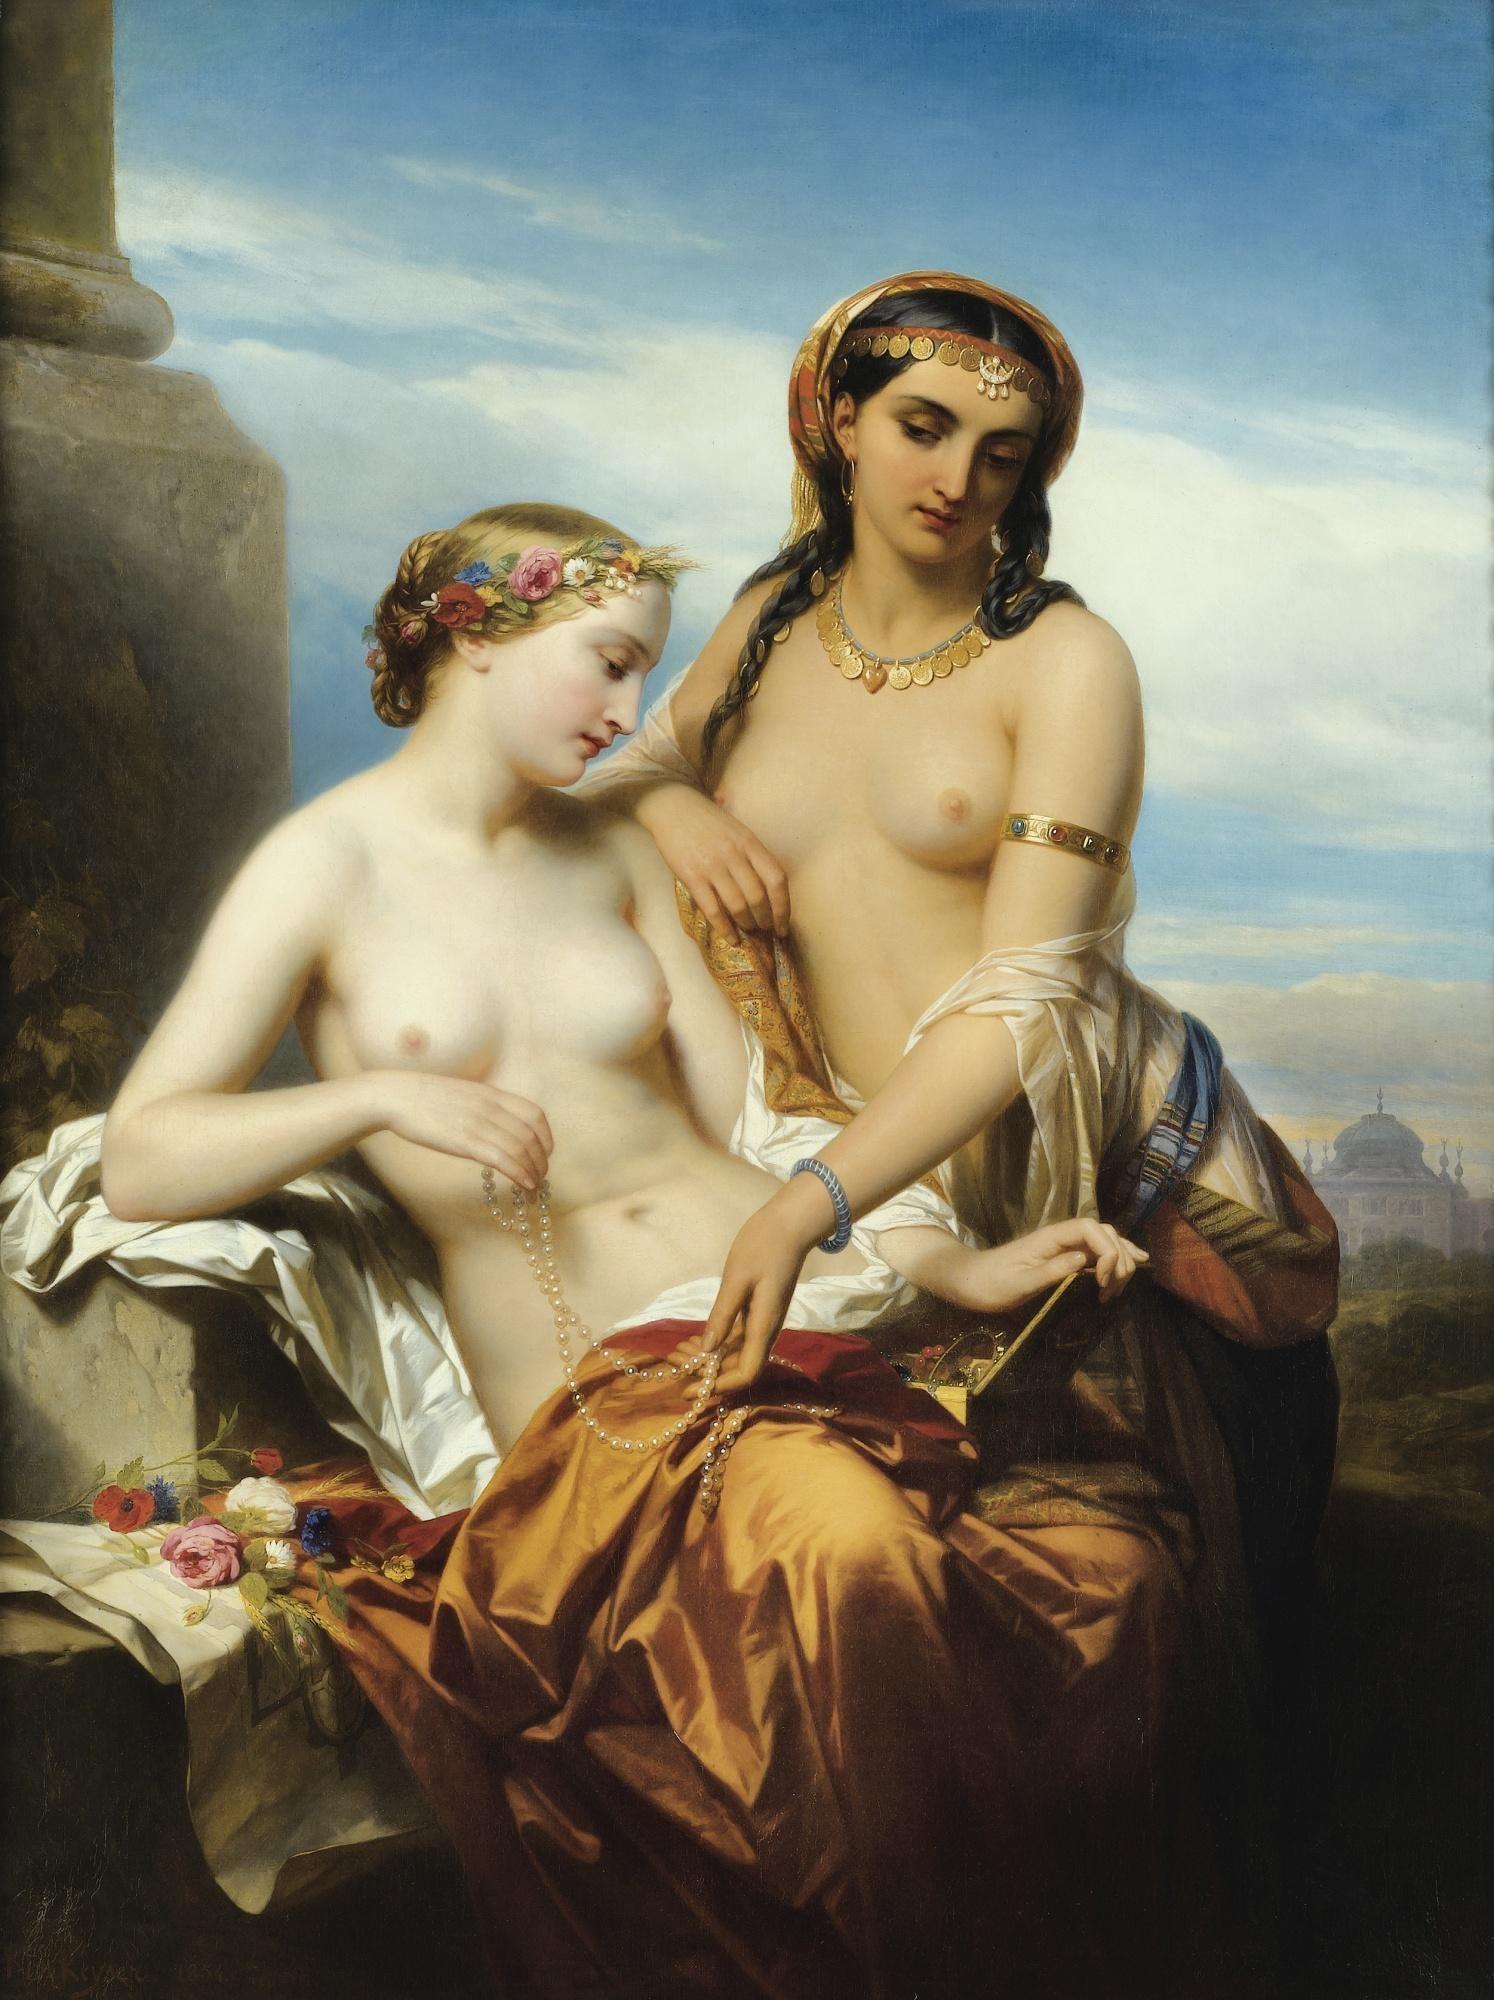 звуки, резкие смотреть за голыми женщинами рабы